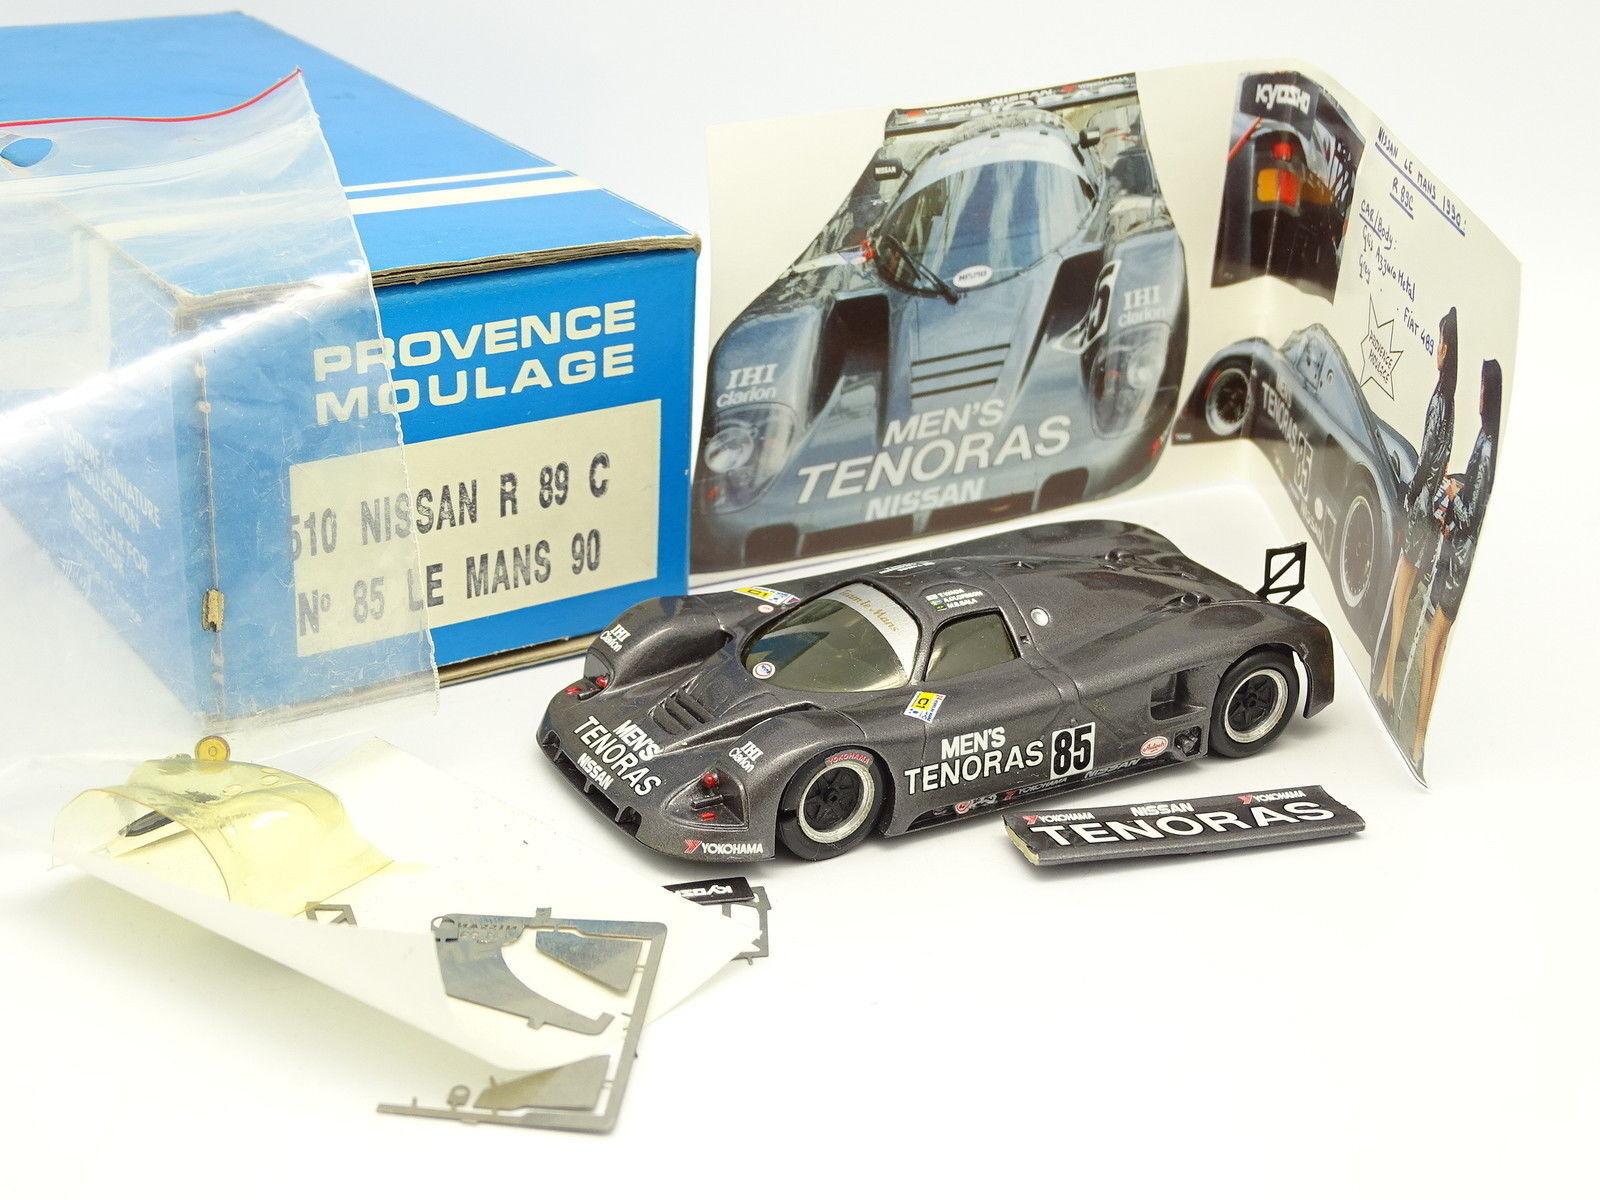 Provence Moulage Kit à Monter 1 43 - Nissan R89 C N°85 Le Mans 1990